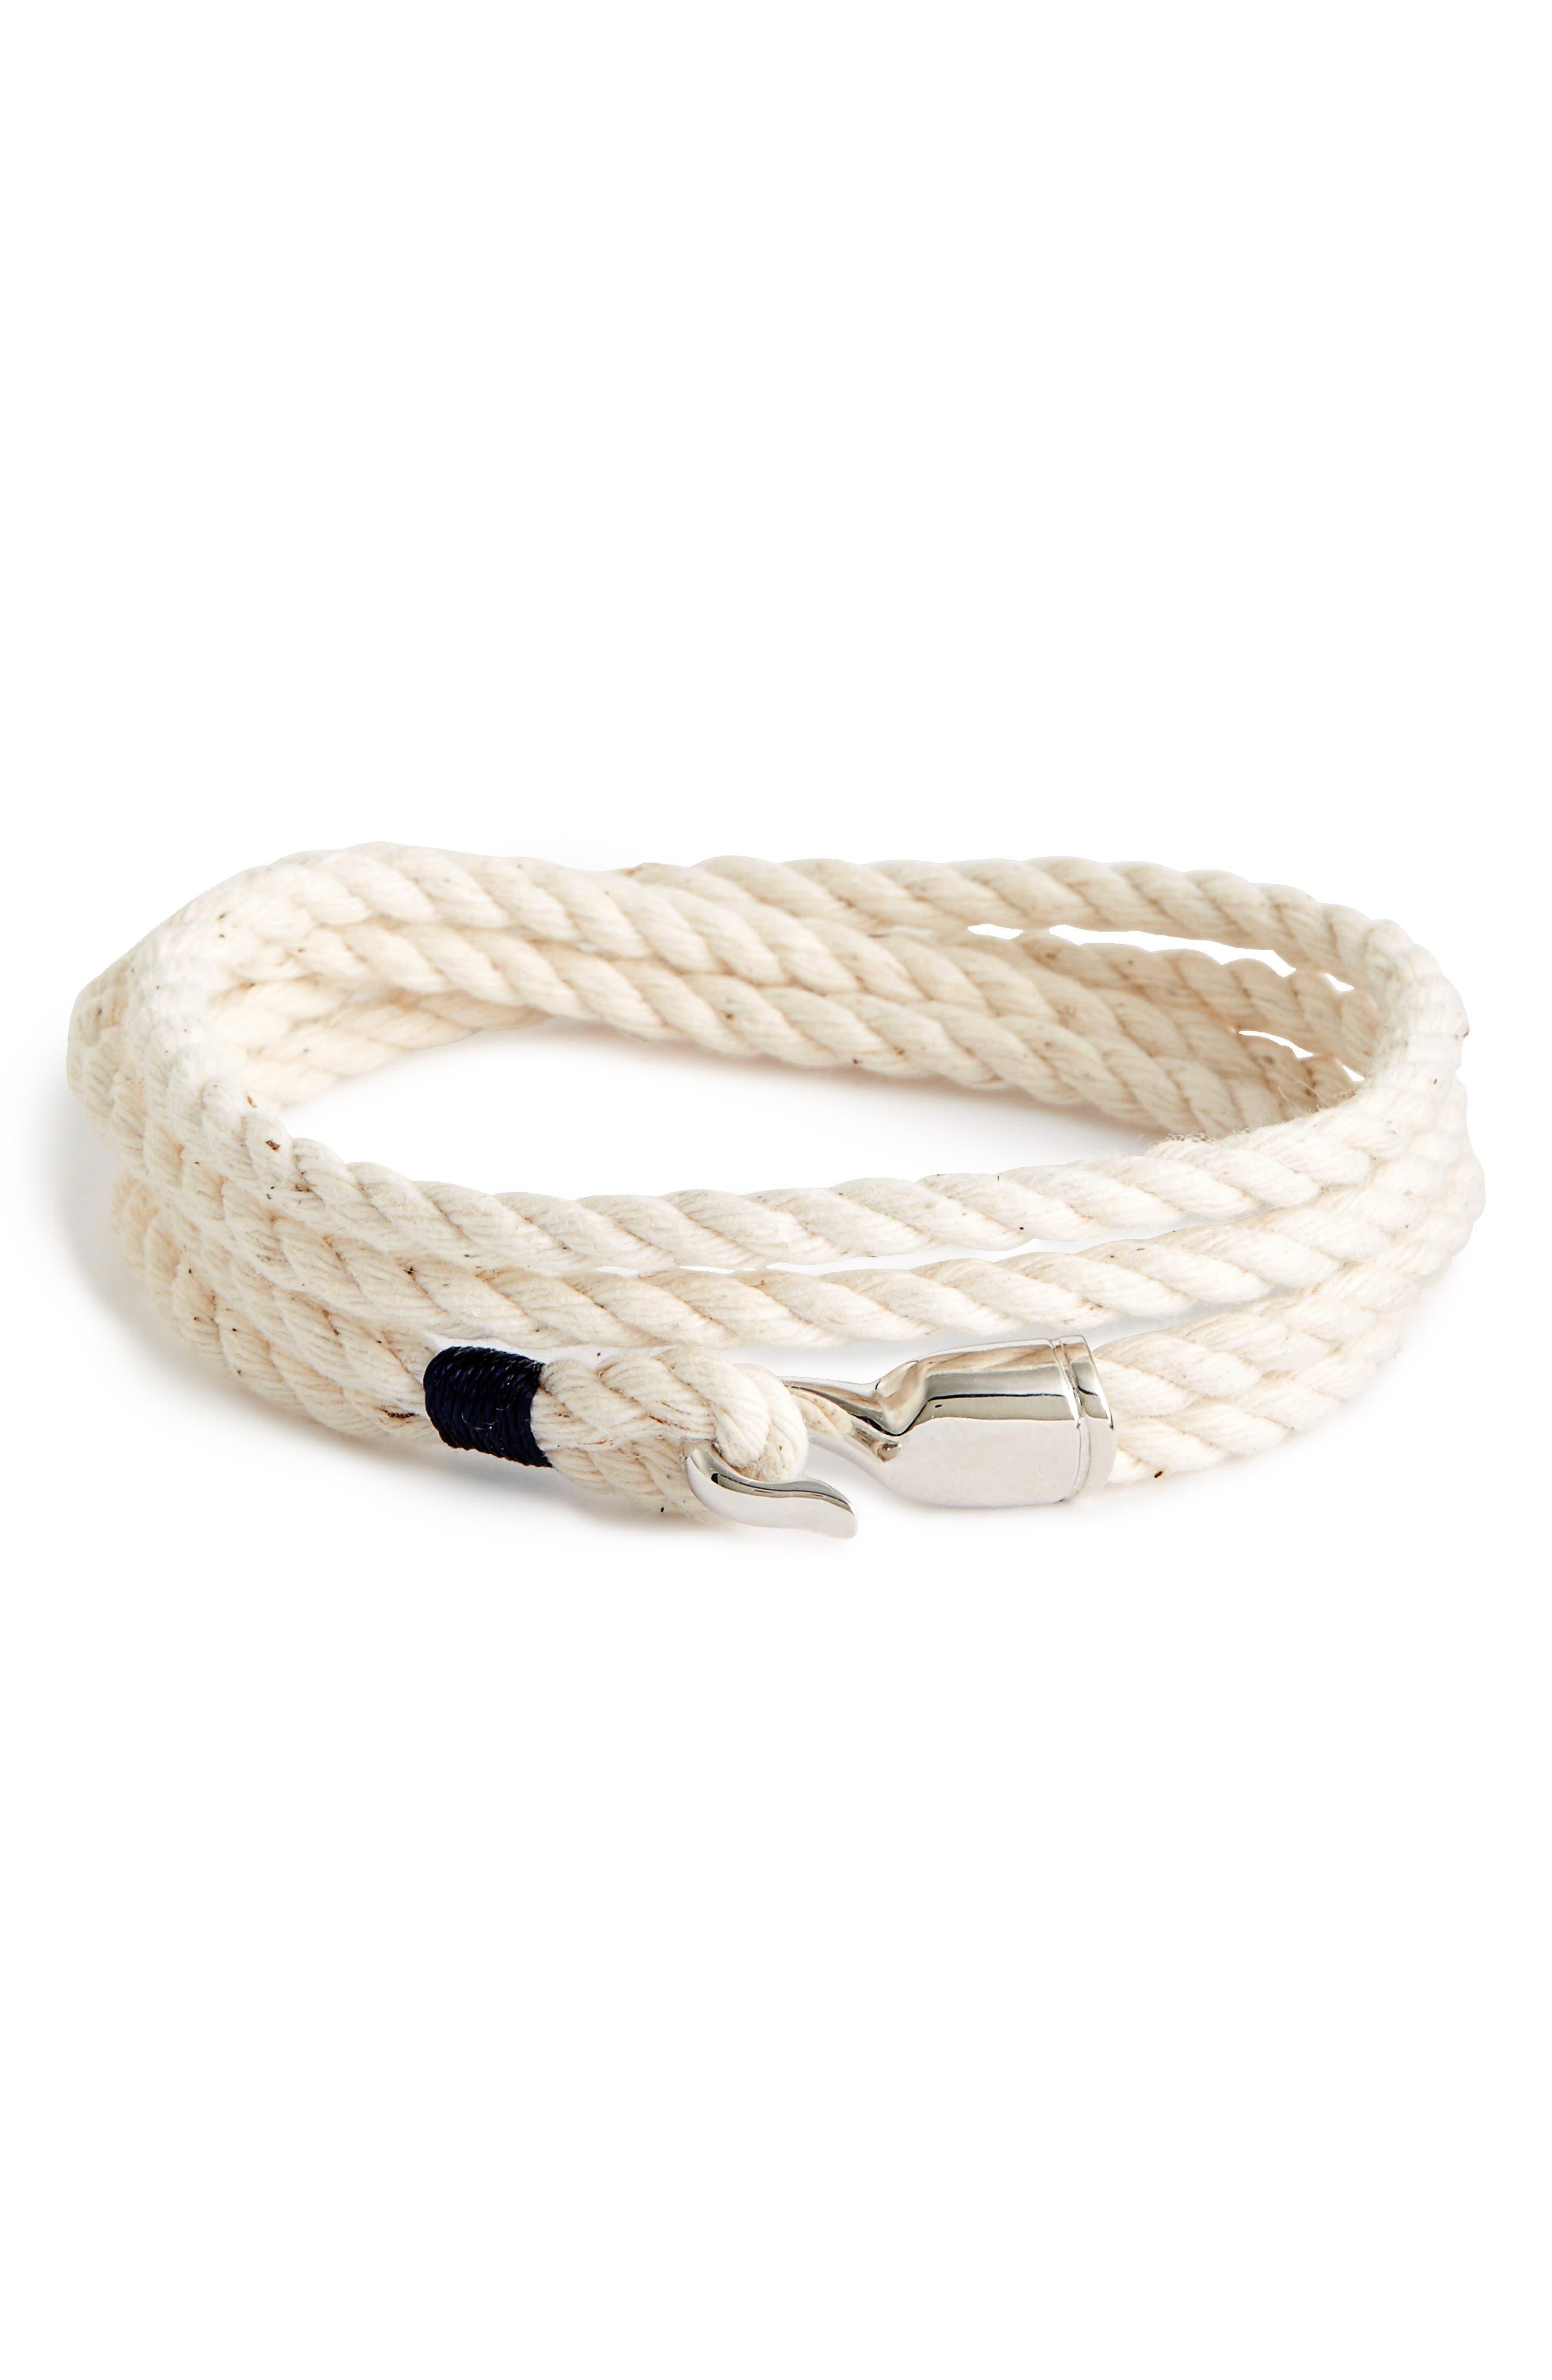 MIANSAI Trice Wrap Rope Bracelet